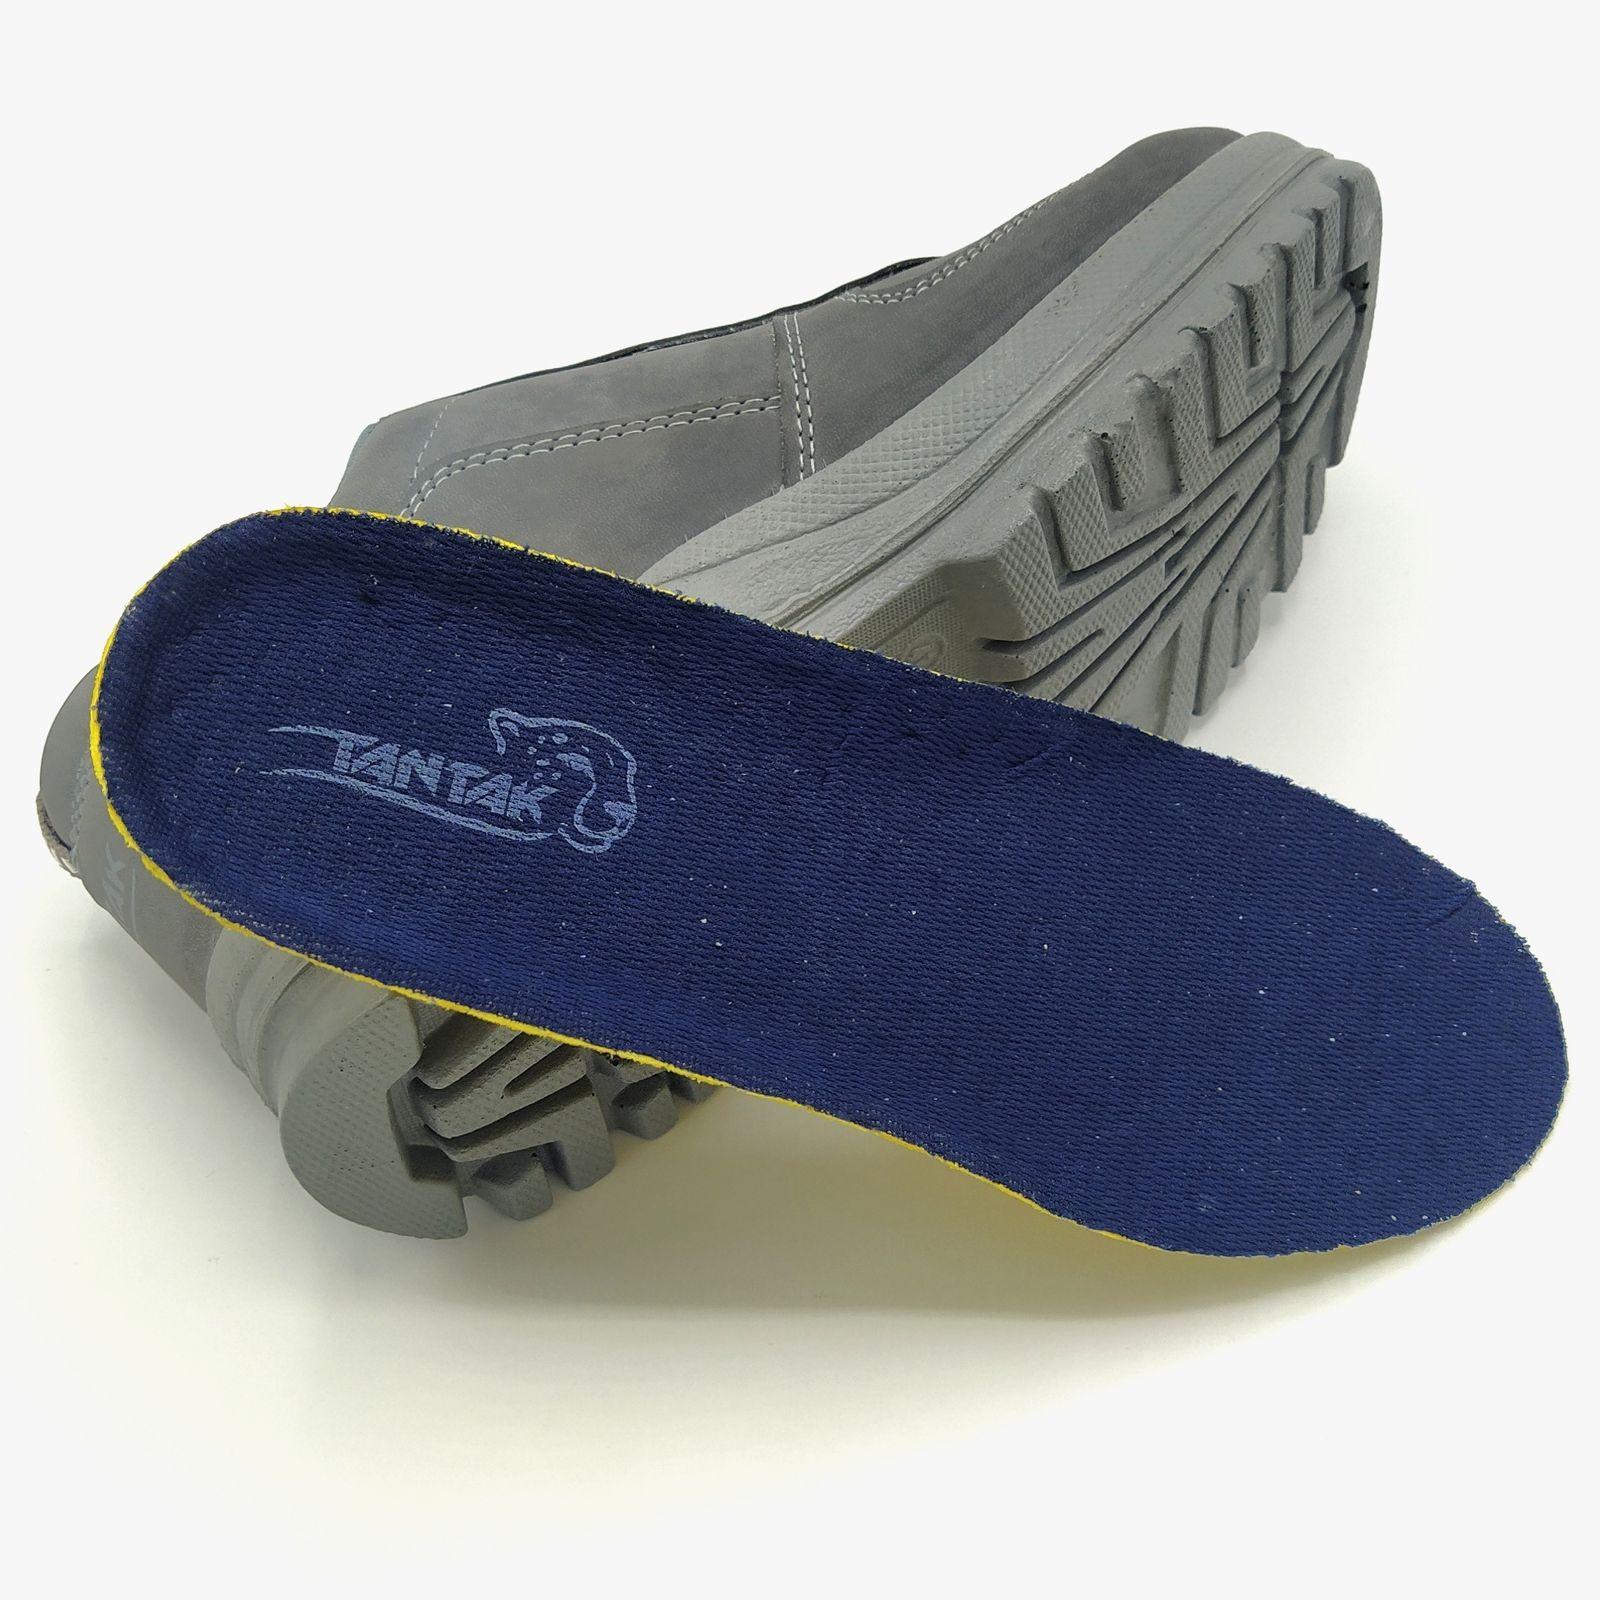 کفش پیاده روی مردانه تن تاک مدل 1421 -  - 6